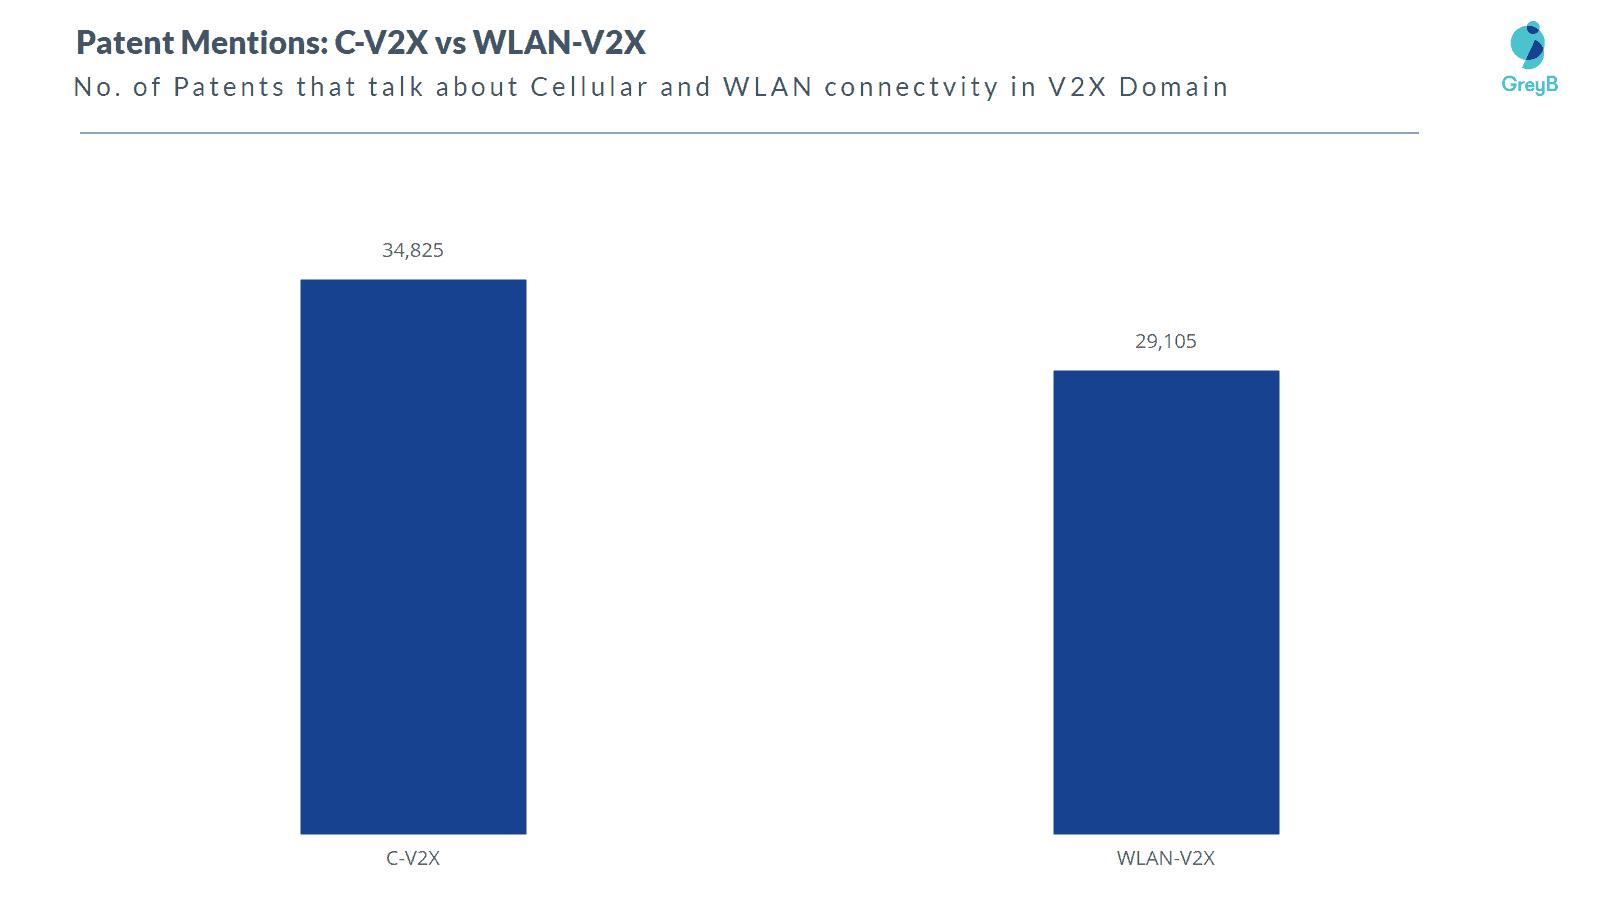 patents-mention CV2X vs WLAN-V2X